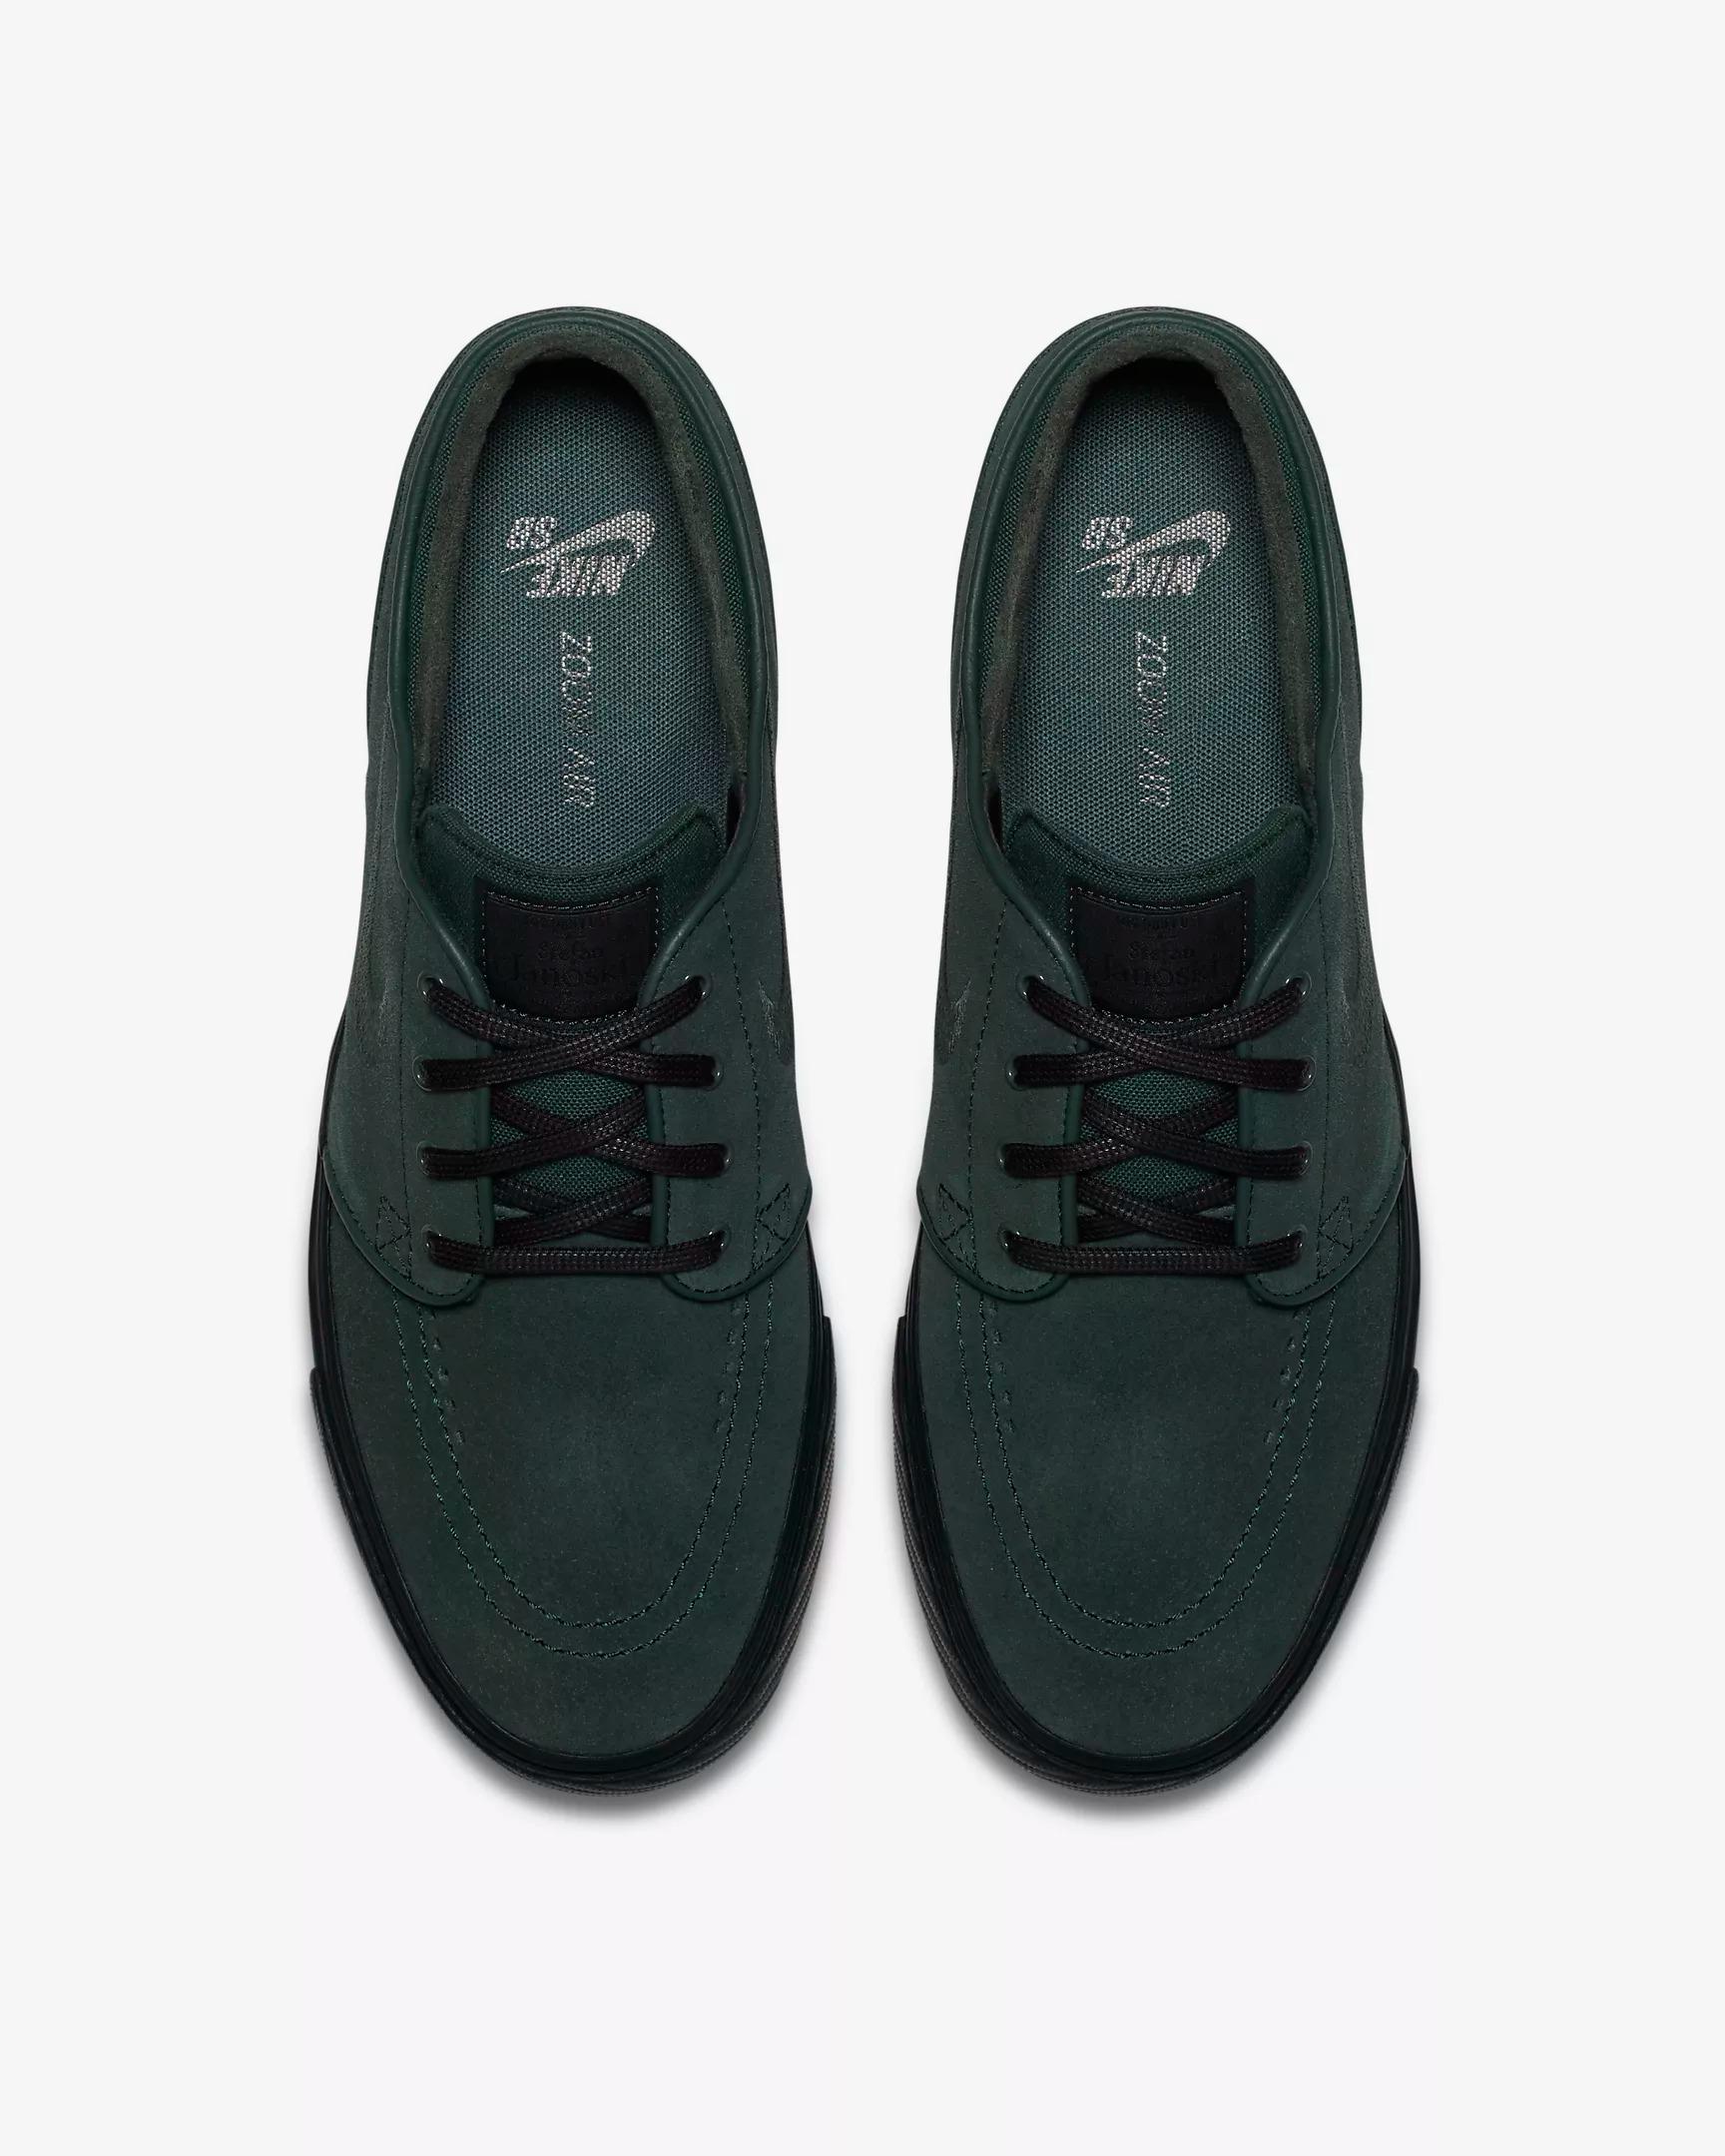 8b93dc7befbf5 Nike SB Zoom Stefan Janoski Sneakers - SPORT SHOES Lifestyle Shoes ...